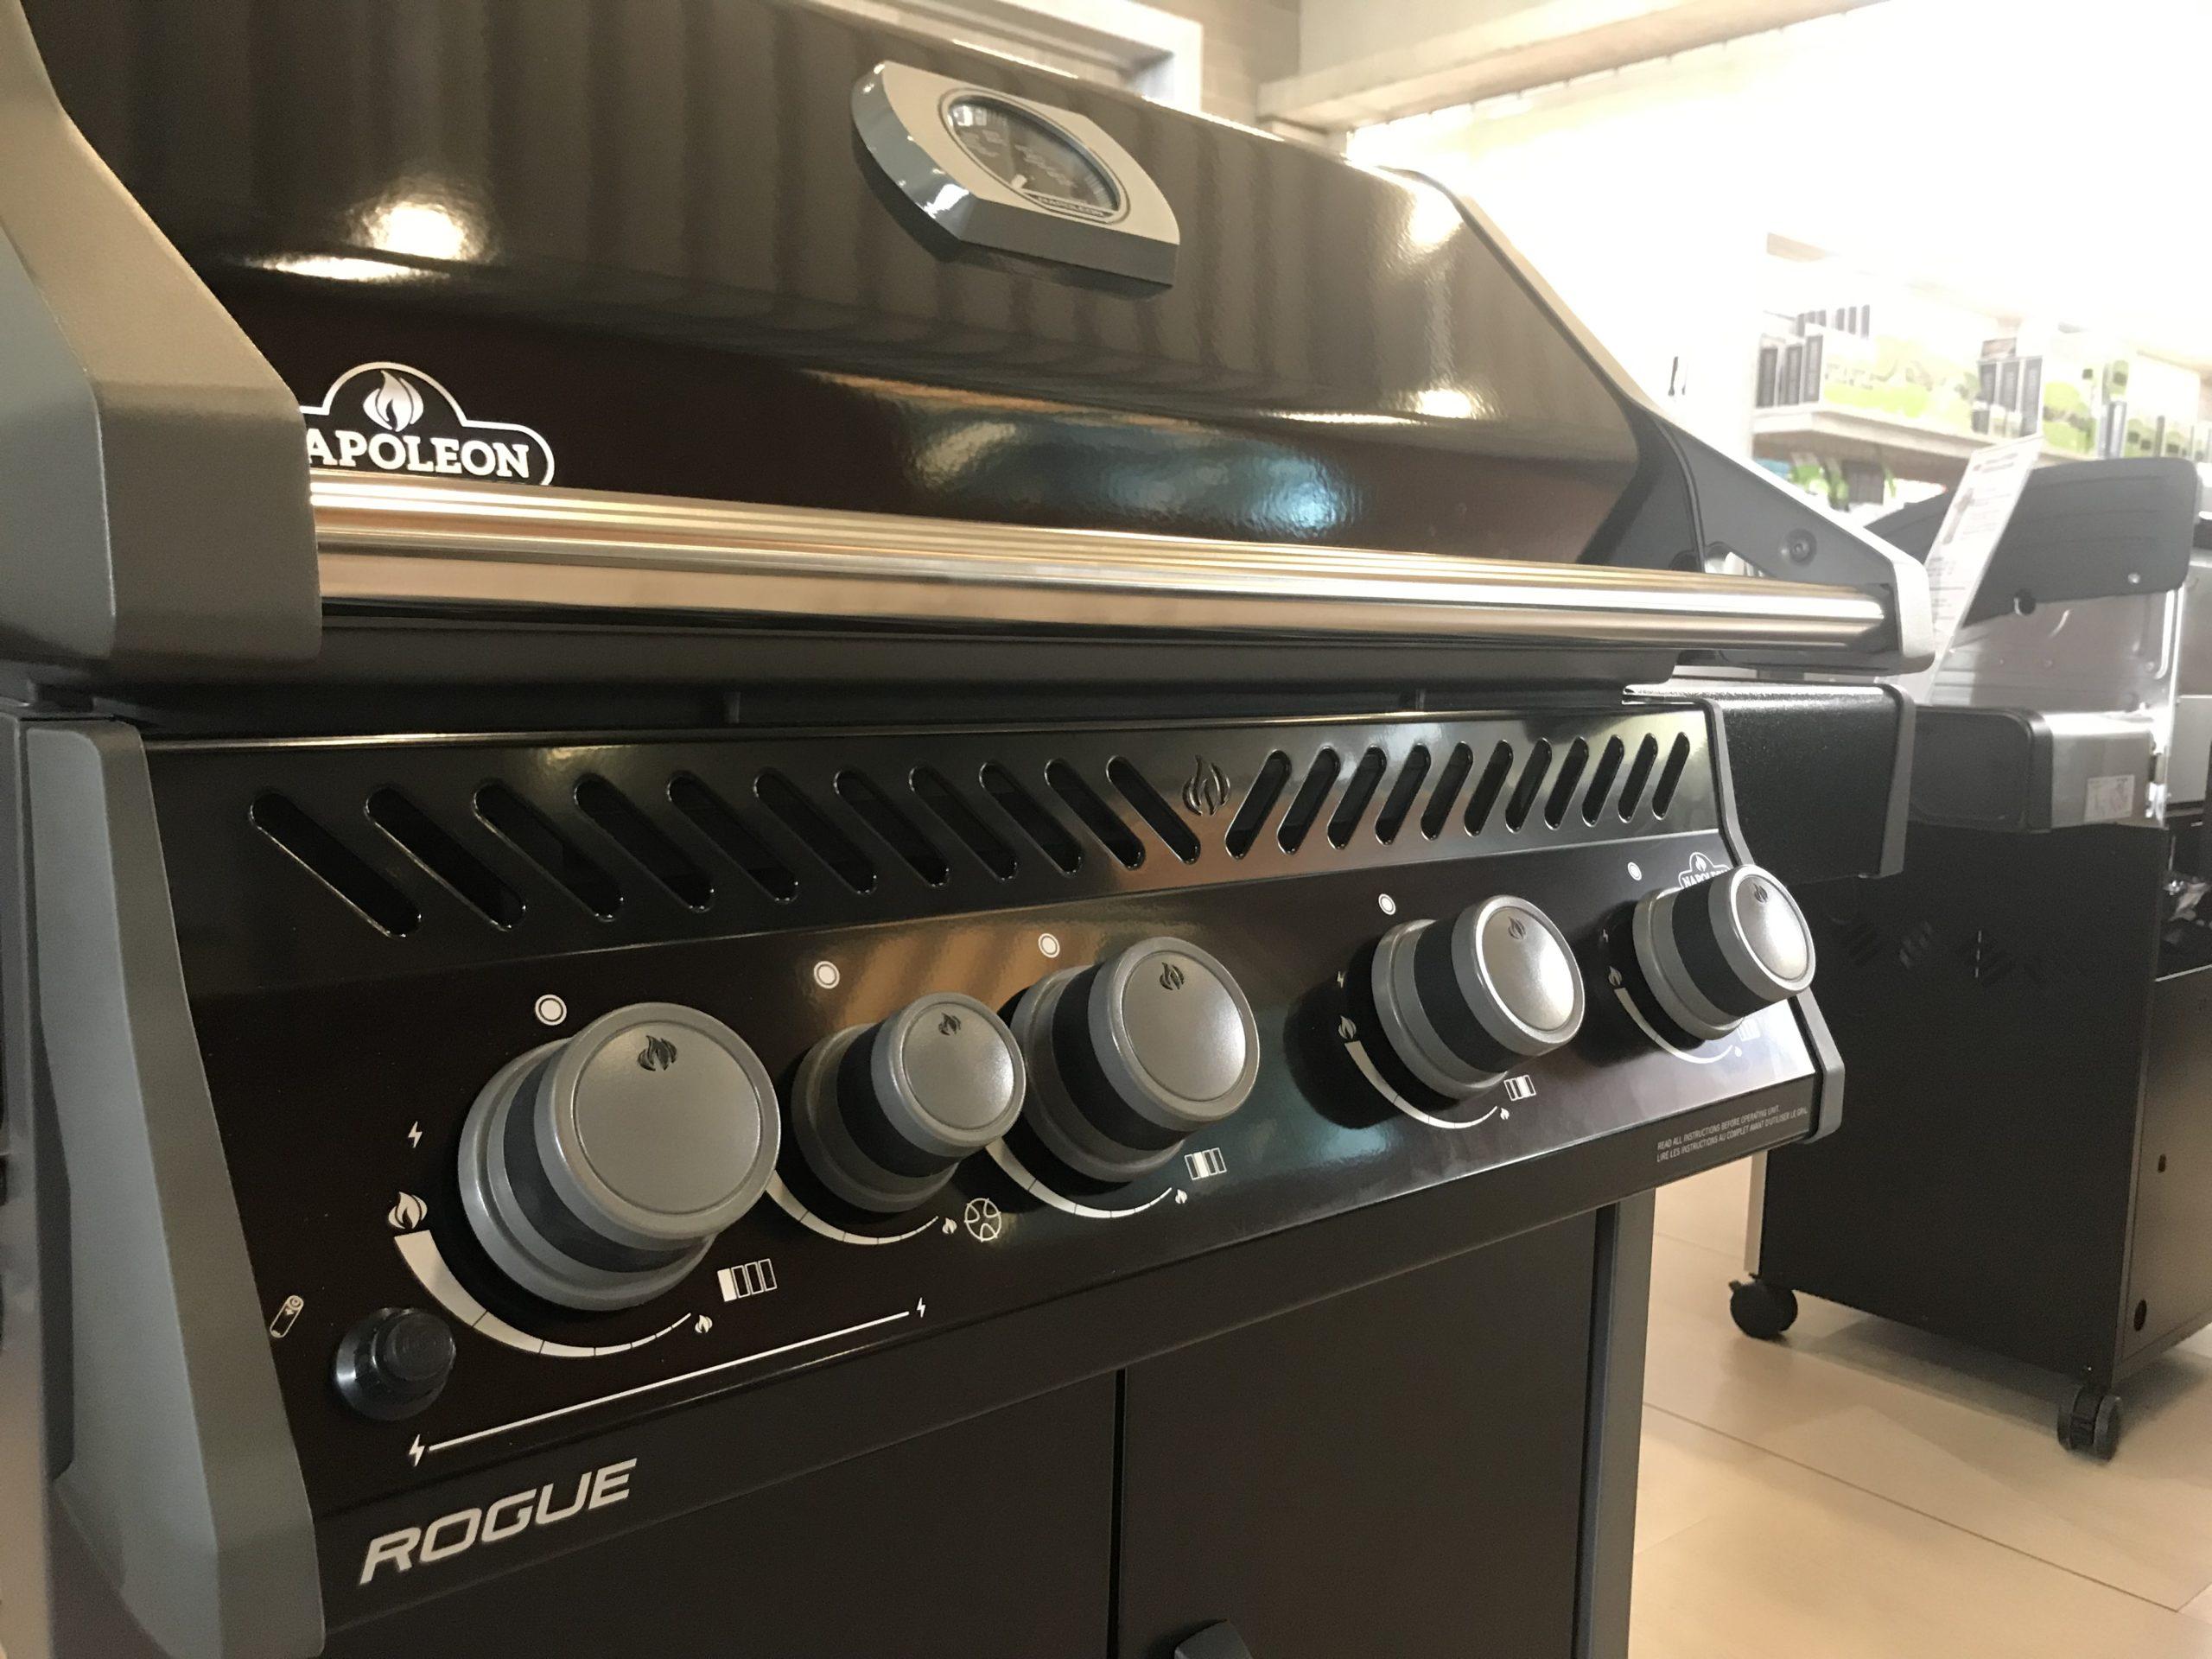 barbecue napoleon R525SB liveoakbbq